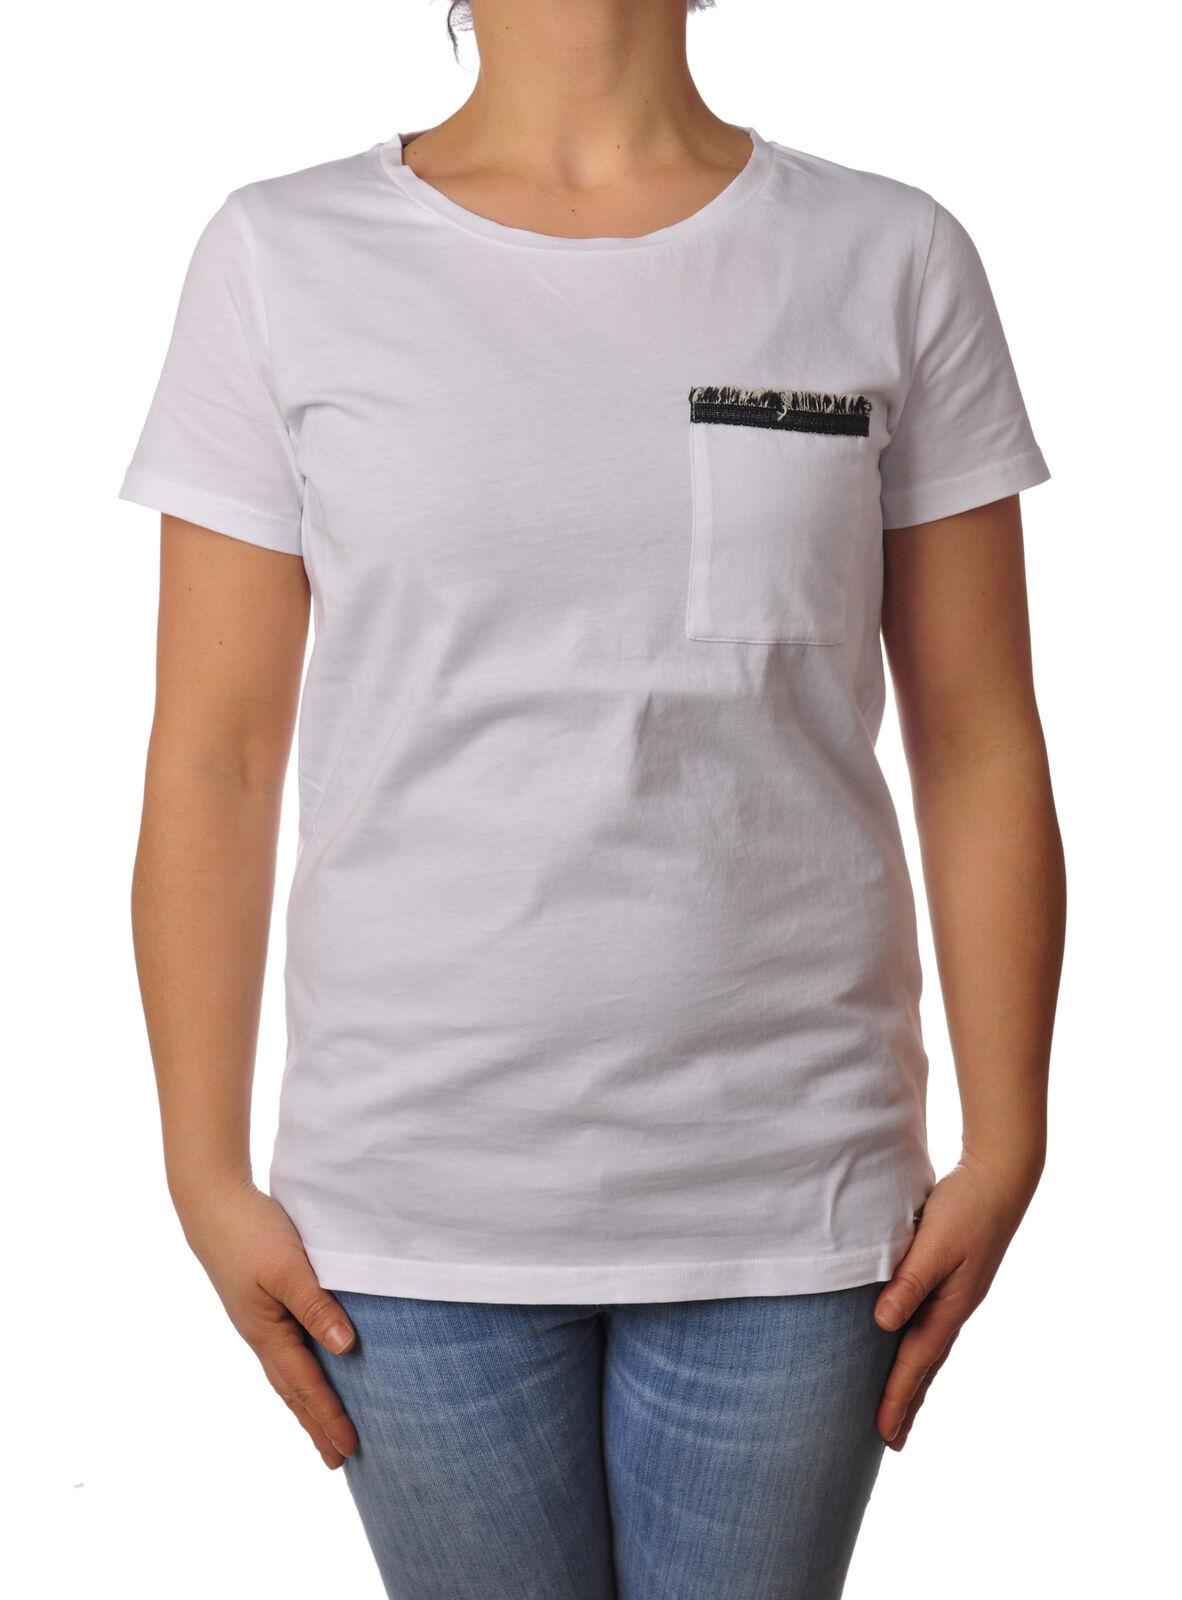 Woolrich - Topwear-T-shirts - Frau - Weiß - 4982715G180836